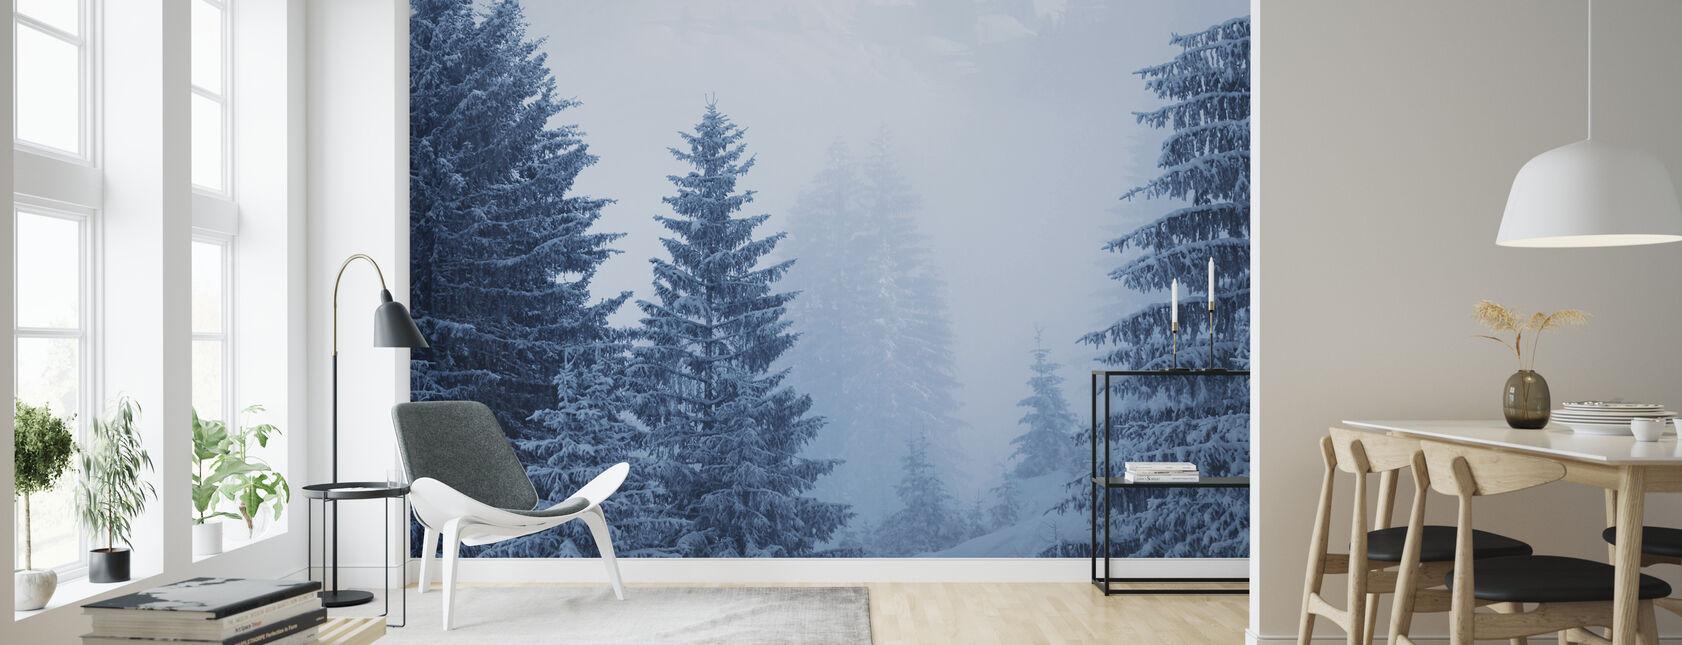 Nåleskov i Østrig, Europa - Tapet - Stue